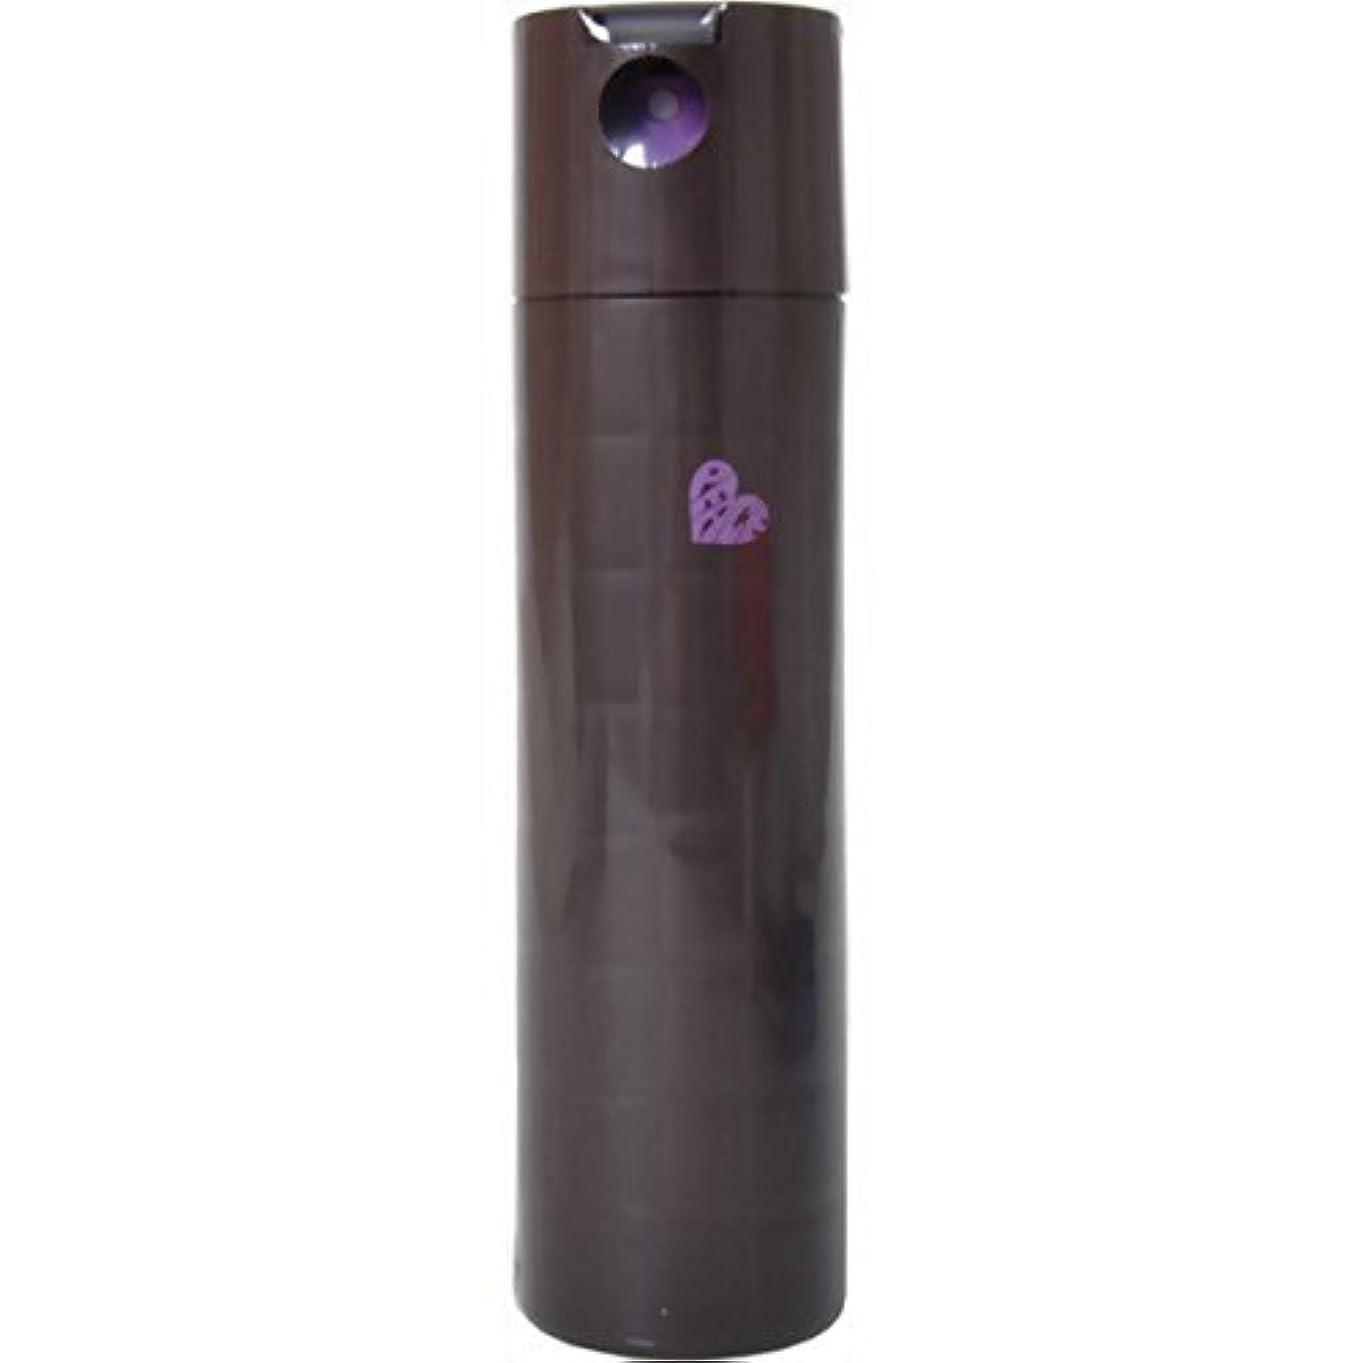 毒液右野なアリミノ ピース カールspray チョコ 138g(200ml) スプレーライン ARIMINO PEACE